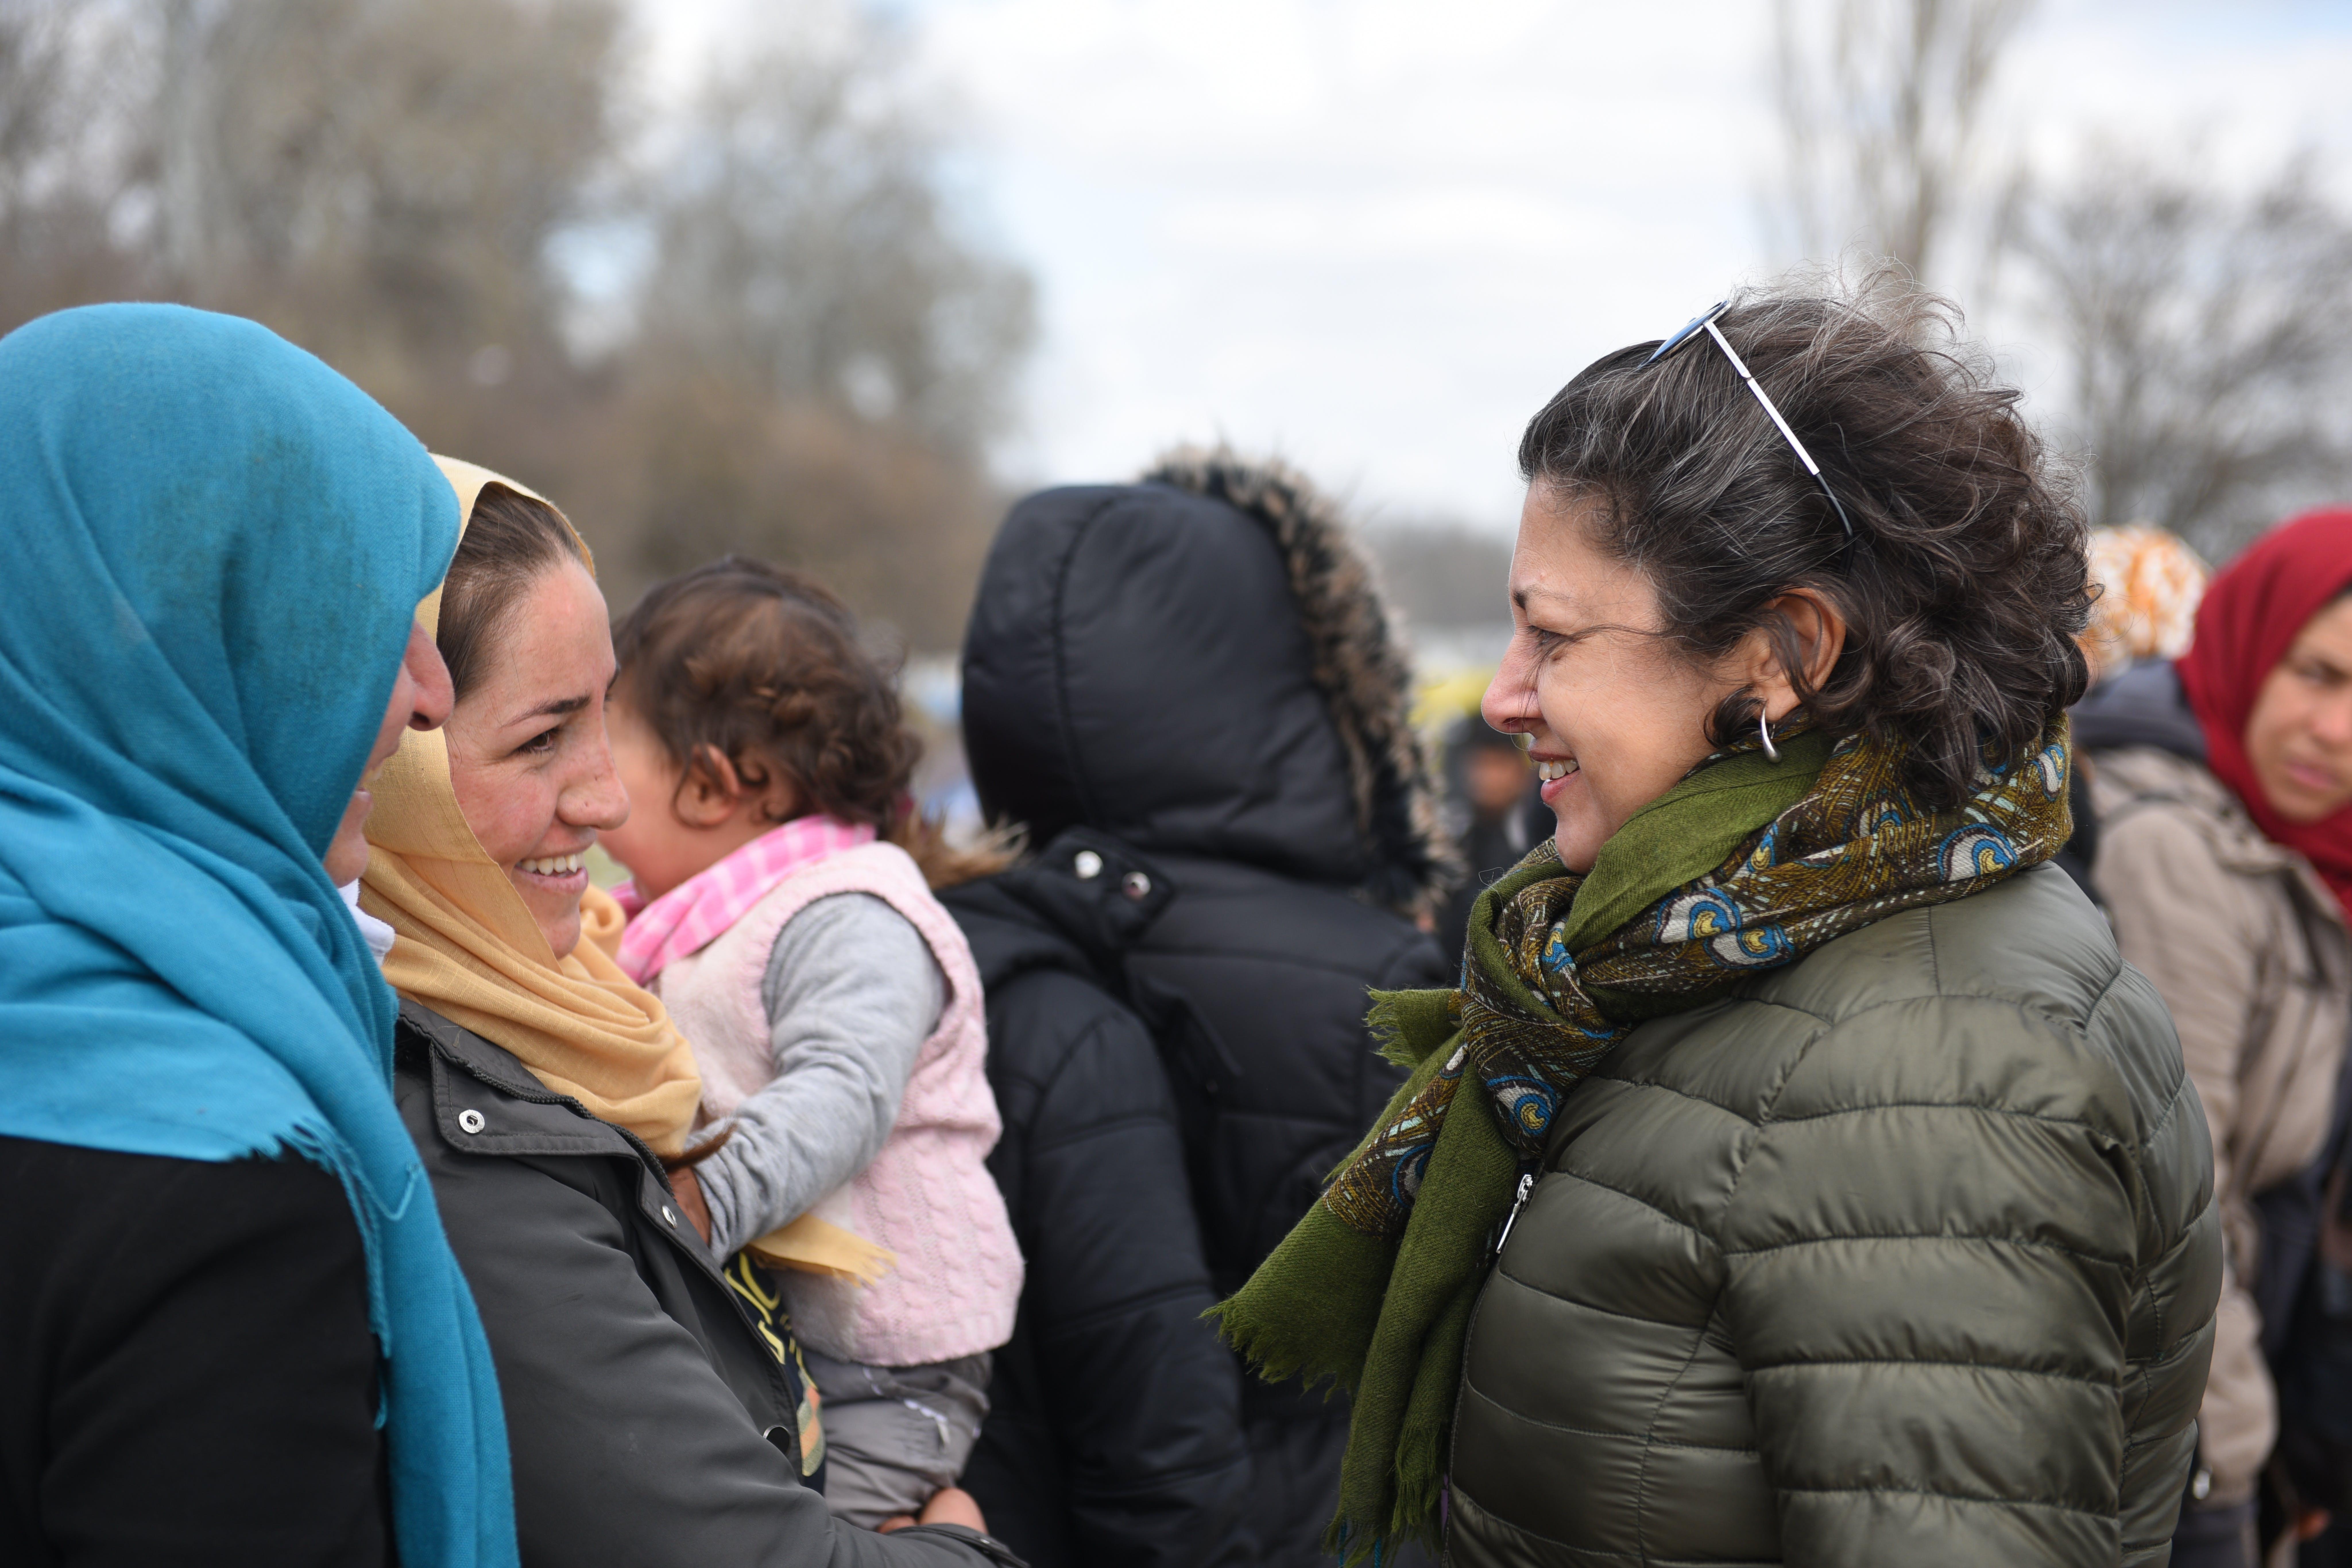 Afshan Khan, visita il valico di frontiera di Pazarkule vicino a Edirne, in Turchia